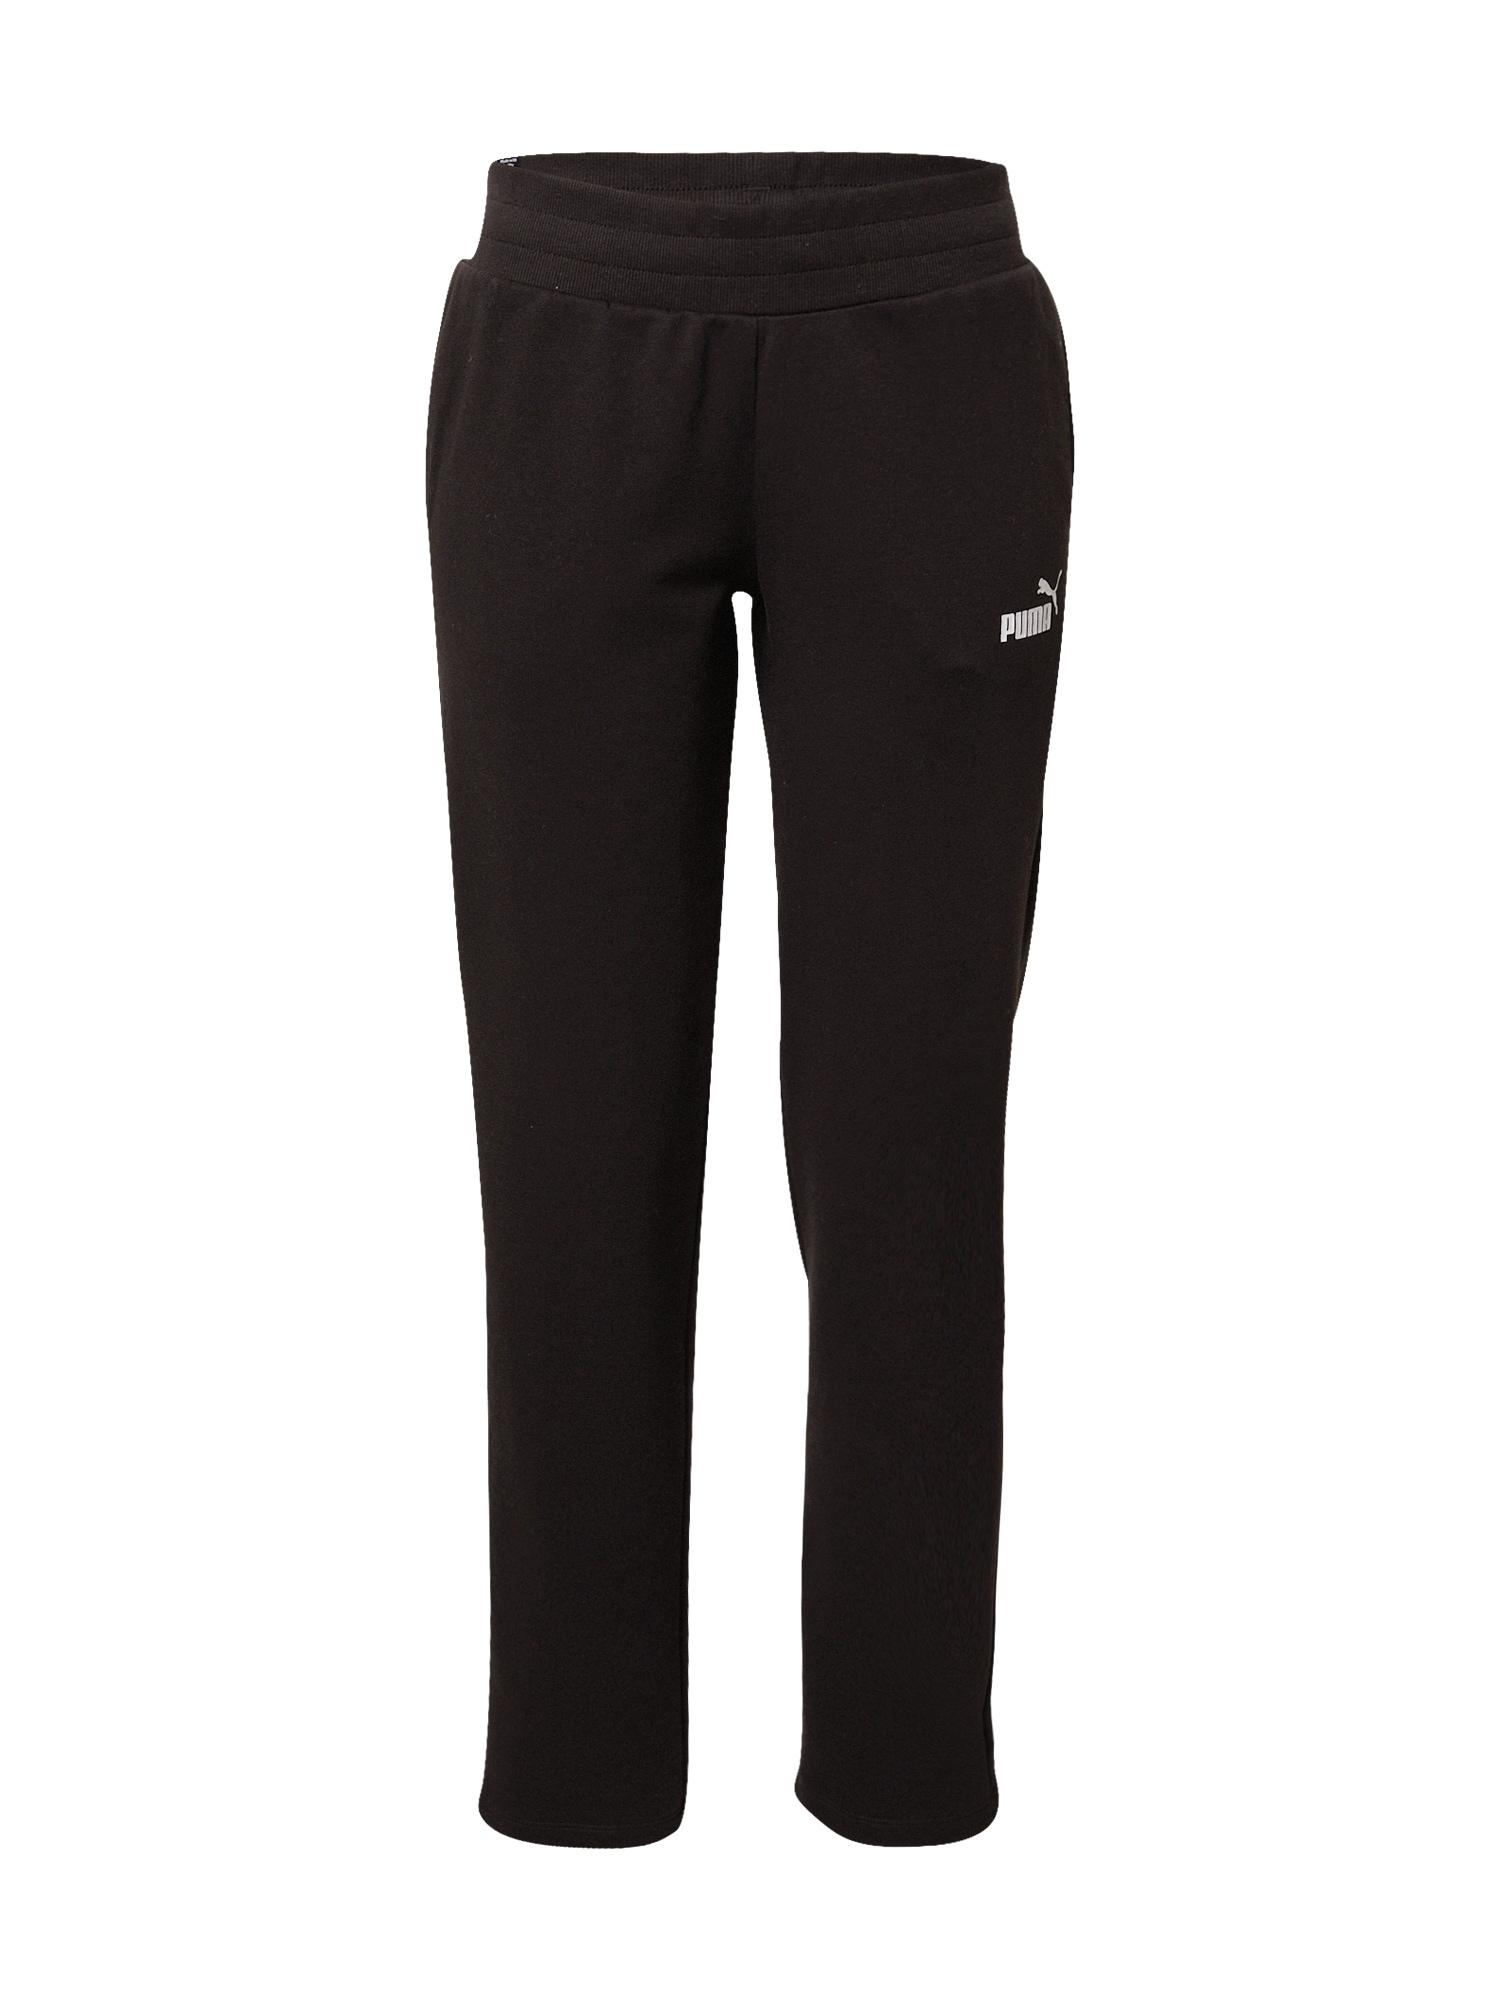 PUMA Sportinės kelnės juoda / balta